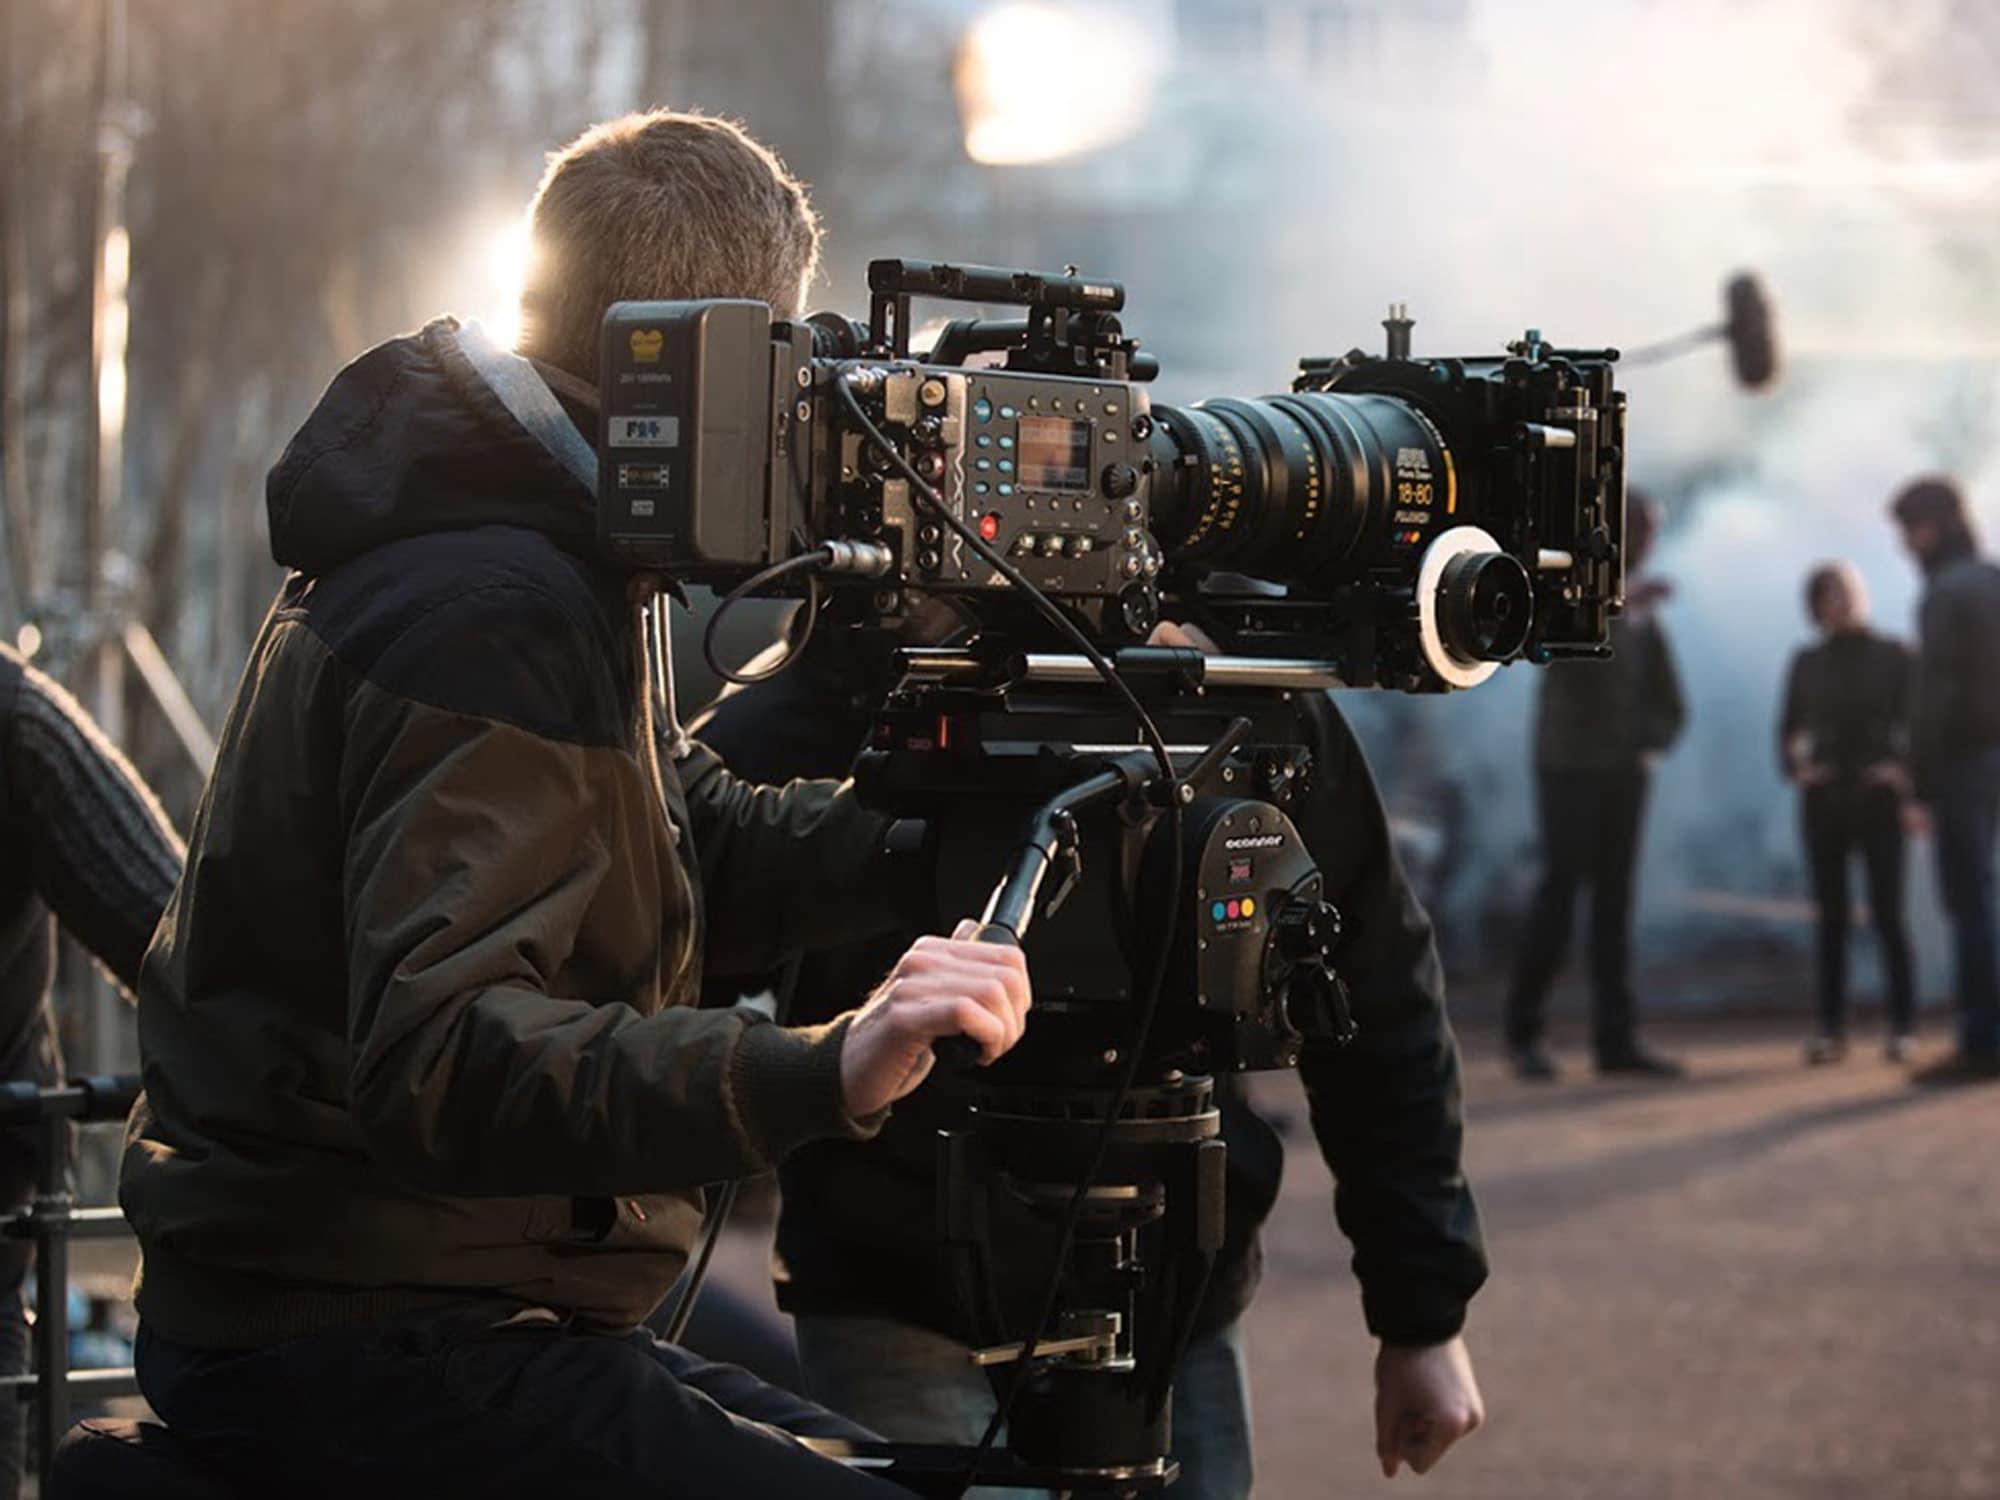 فیلمبرداری صنعتی | فیلم صنعتی | ساخت کلیپ صنعتی | ساخت کلیپ تبلیغاتی